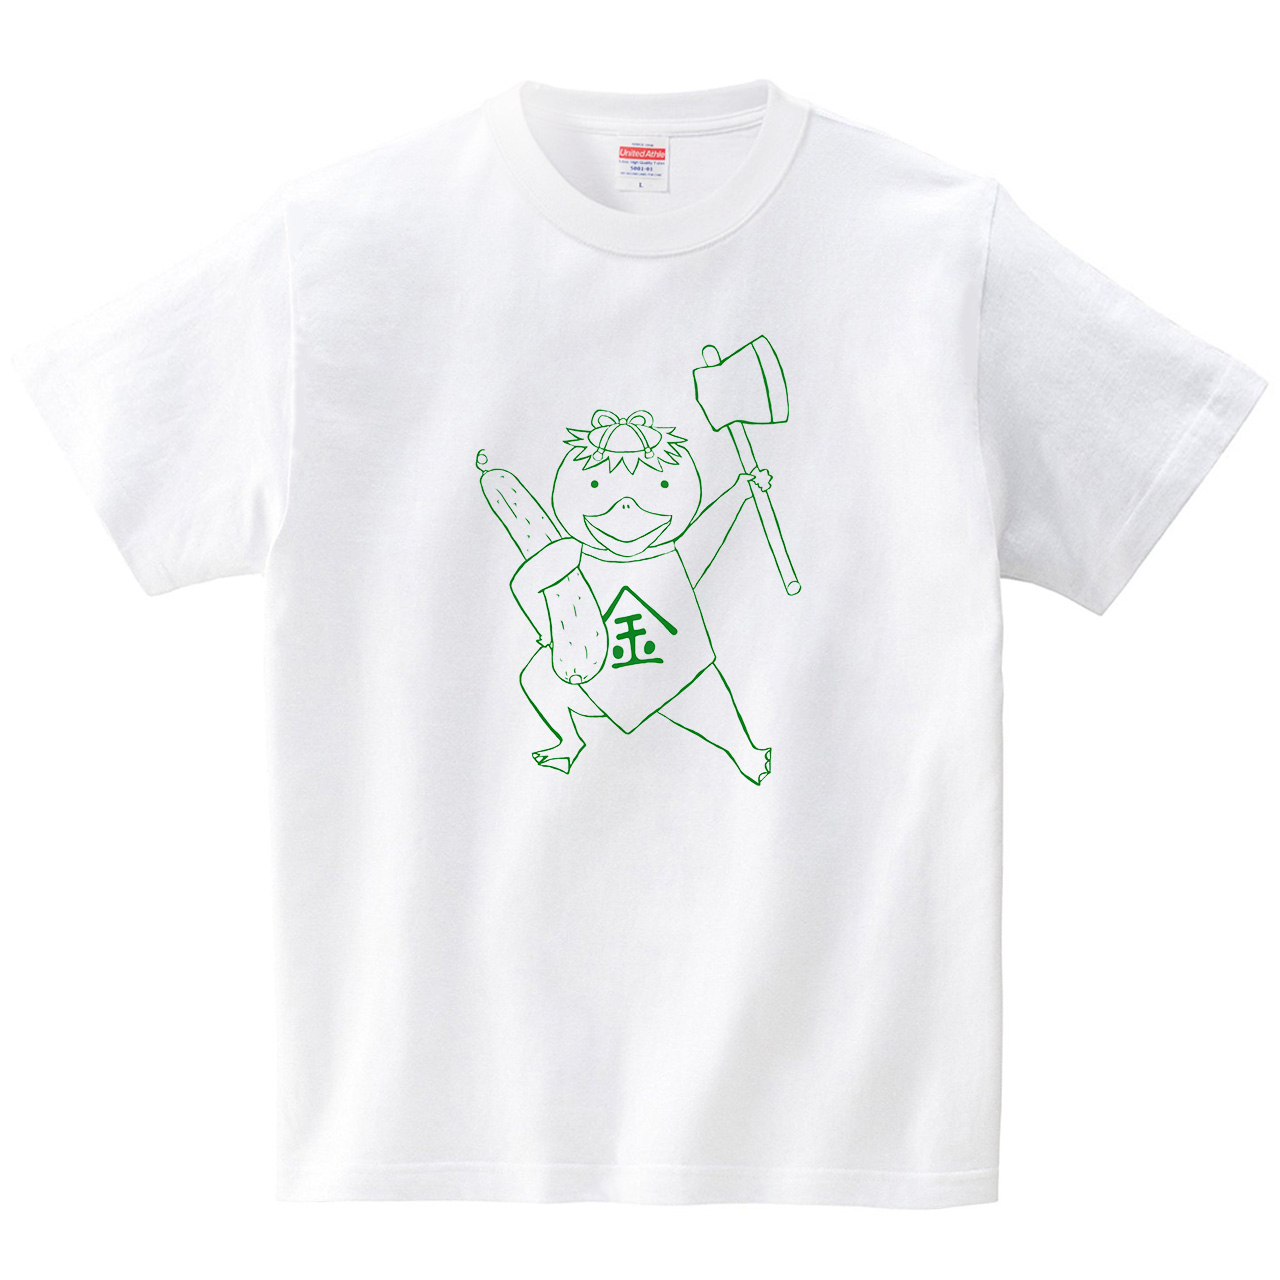 金太郎カッパ・白(Tシャツ・ホワイト)(あおまんぼう)